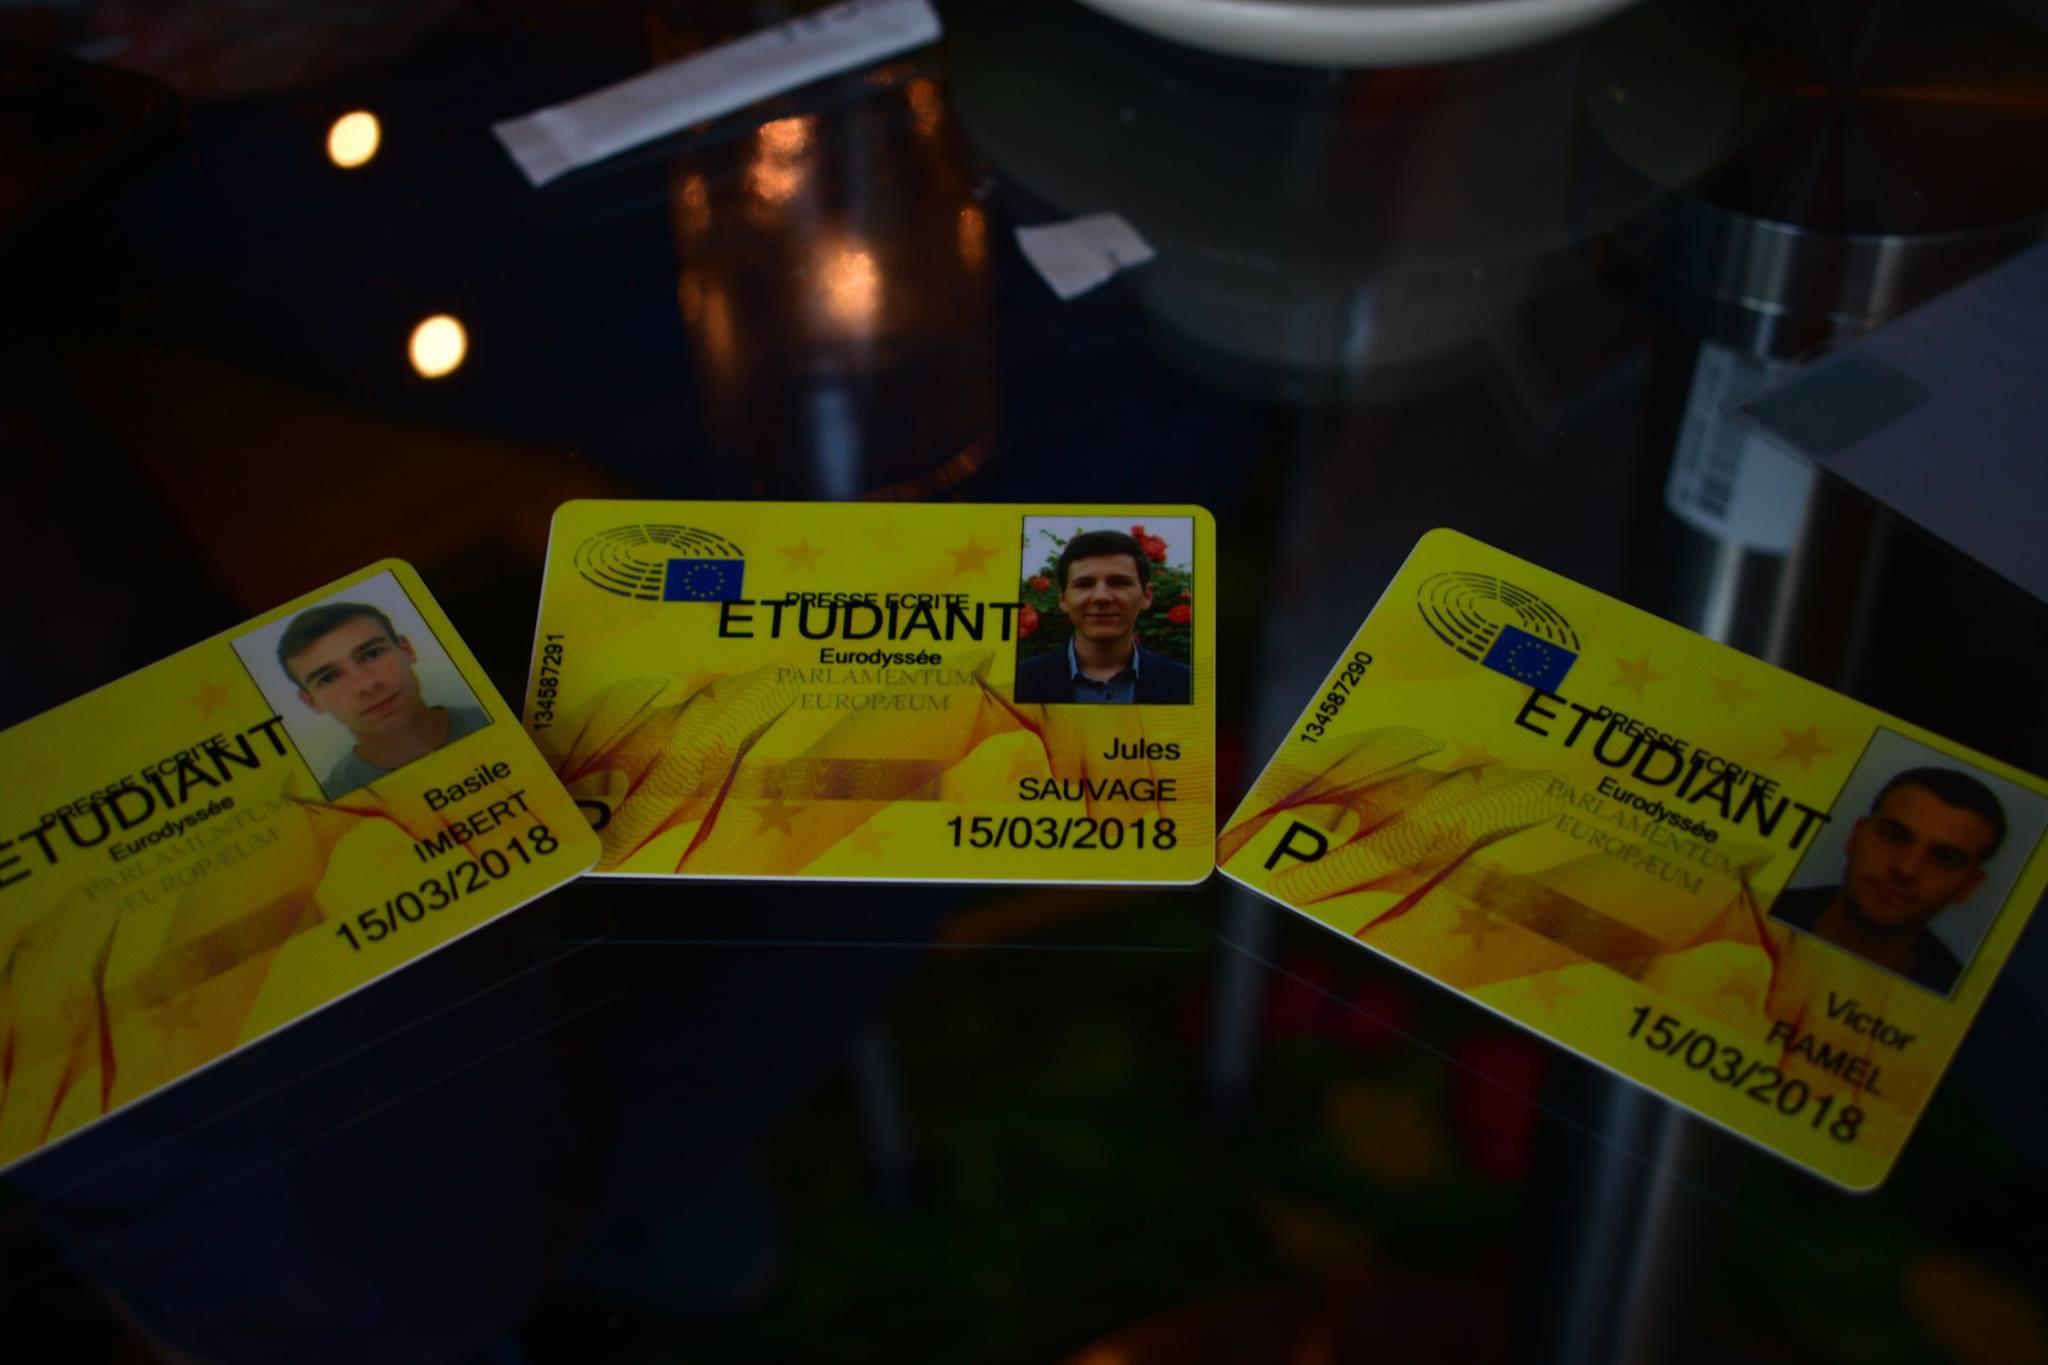 Eurodyssée badges